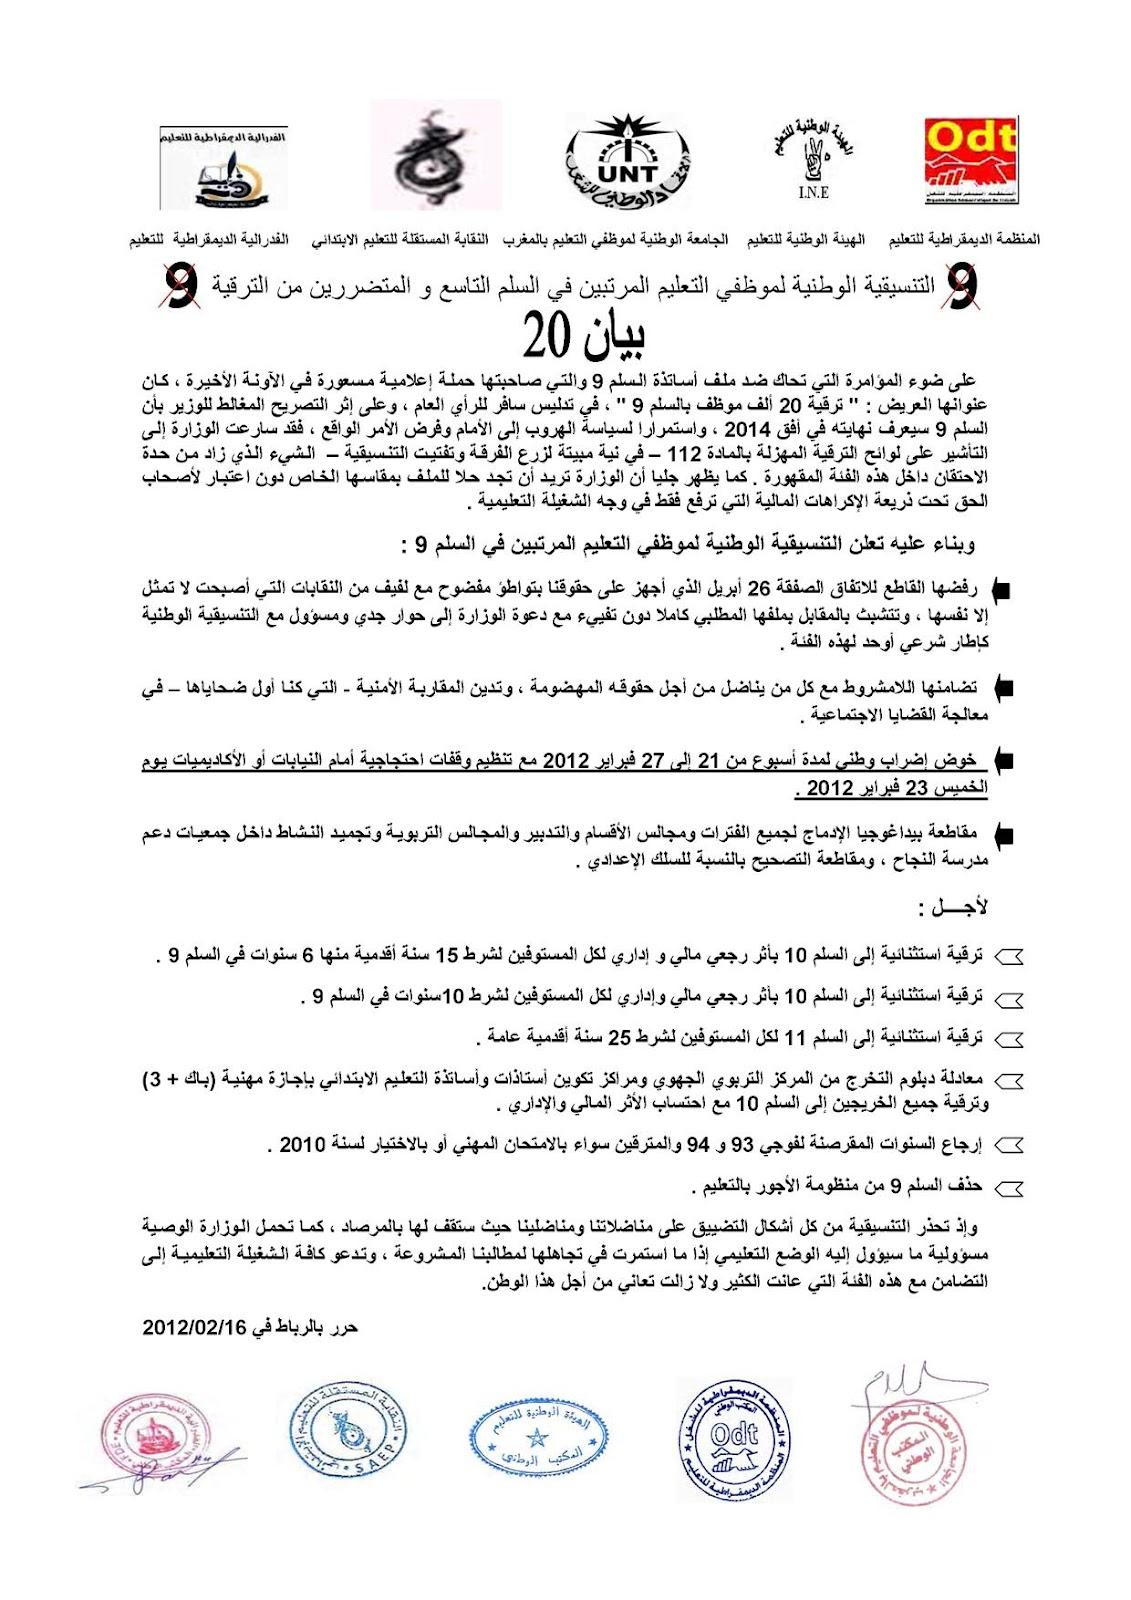 البيان رقم 20 للتنسيقية الوطنية لموظفي التعليم المرتبين في السلم 9 Note0001